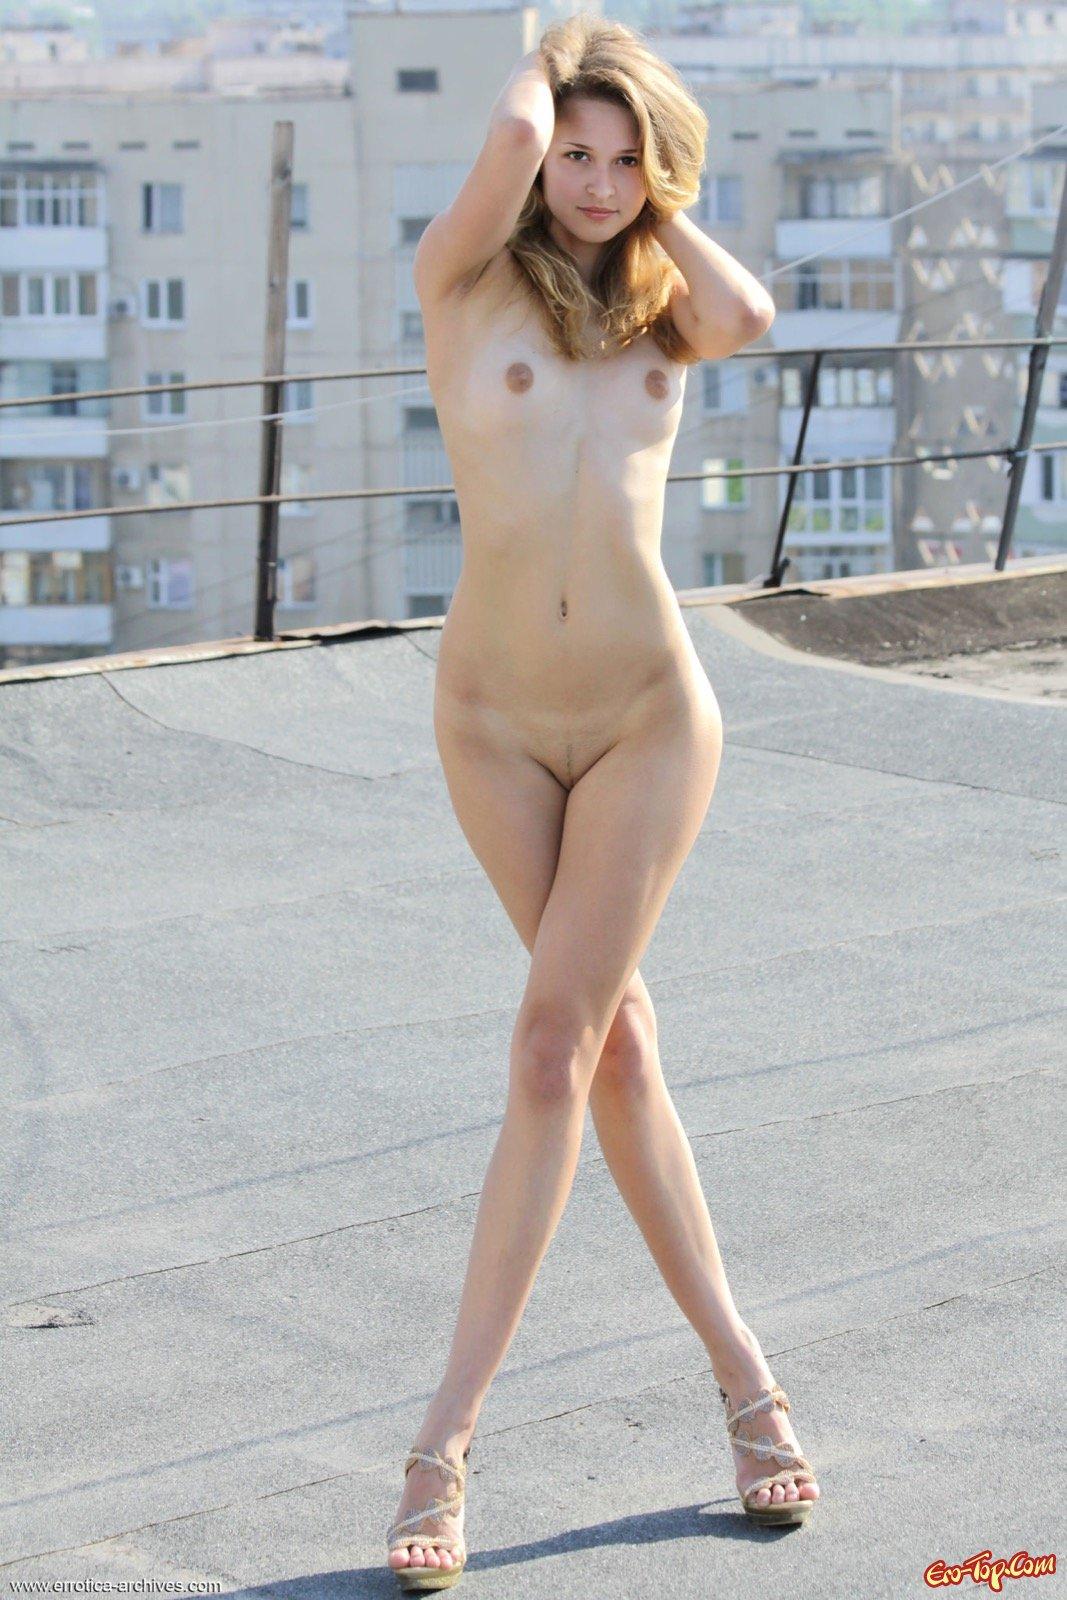 Голая девушка на крыше многоэтажного дома